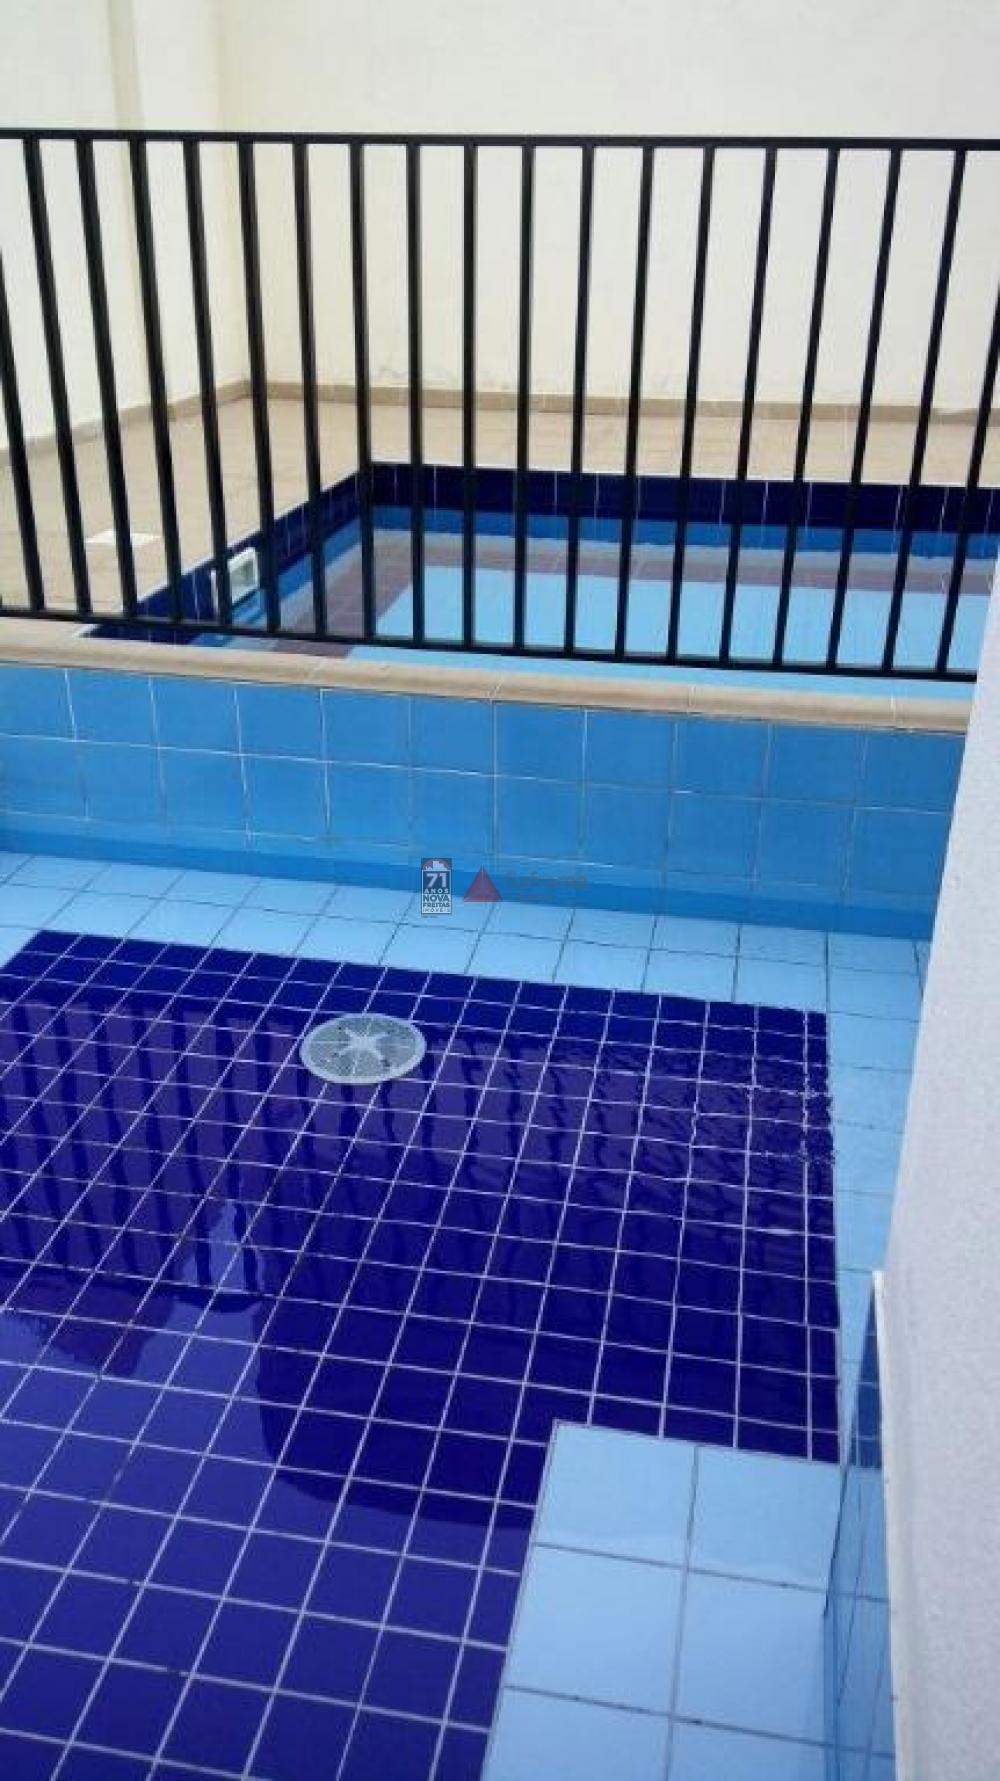 Comprar Apartamento / Padrão em São José dos Campos R$ 544.359,07 - Foto 14